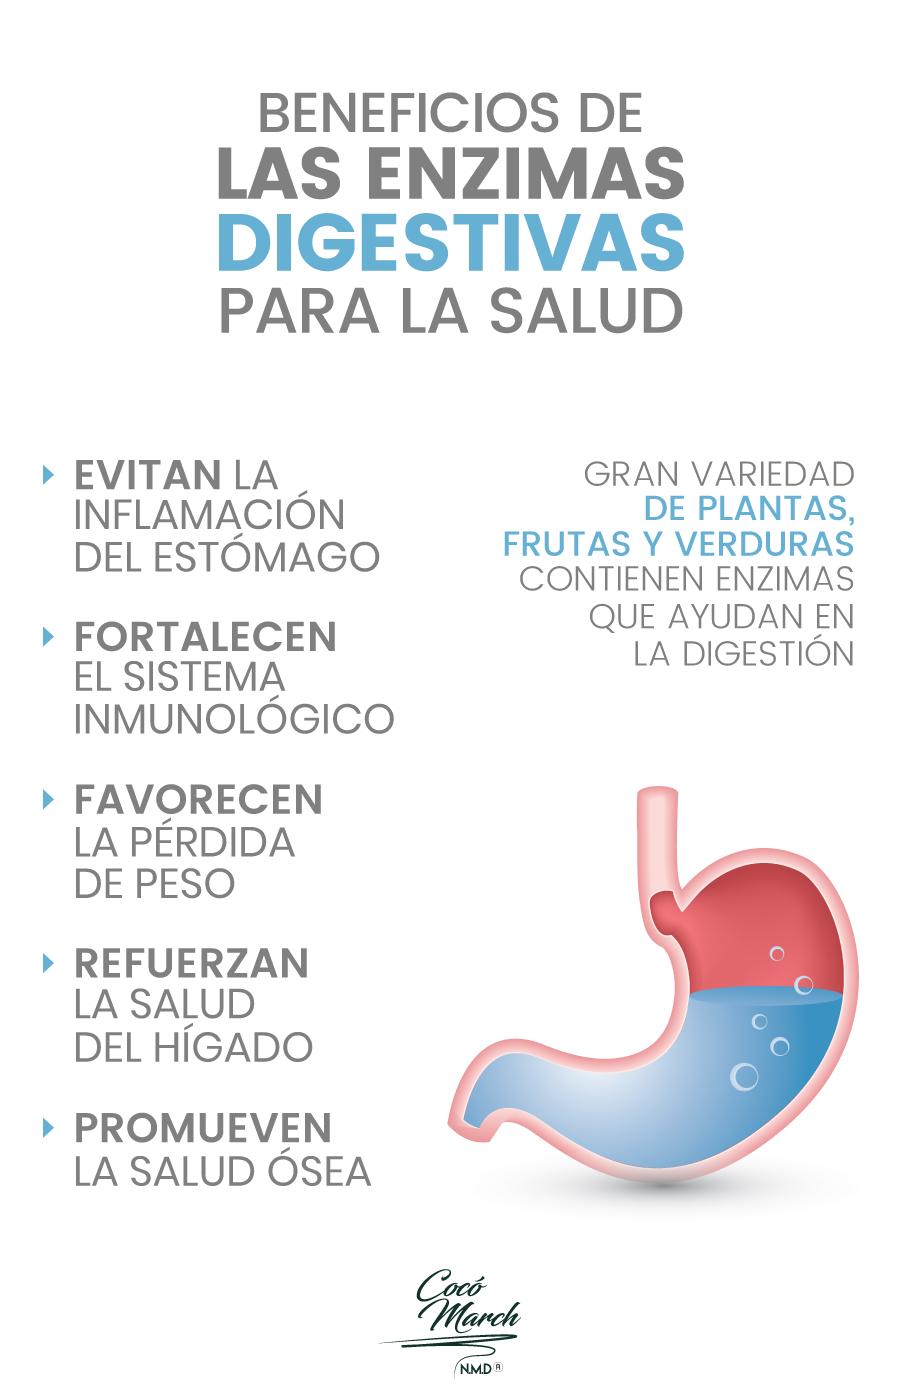 enzimas-digestivas-beneficios